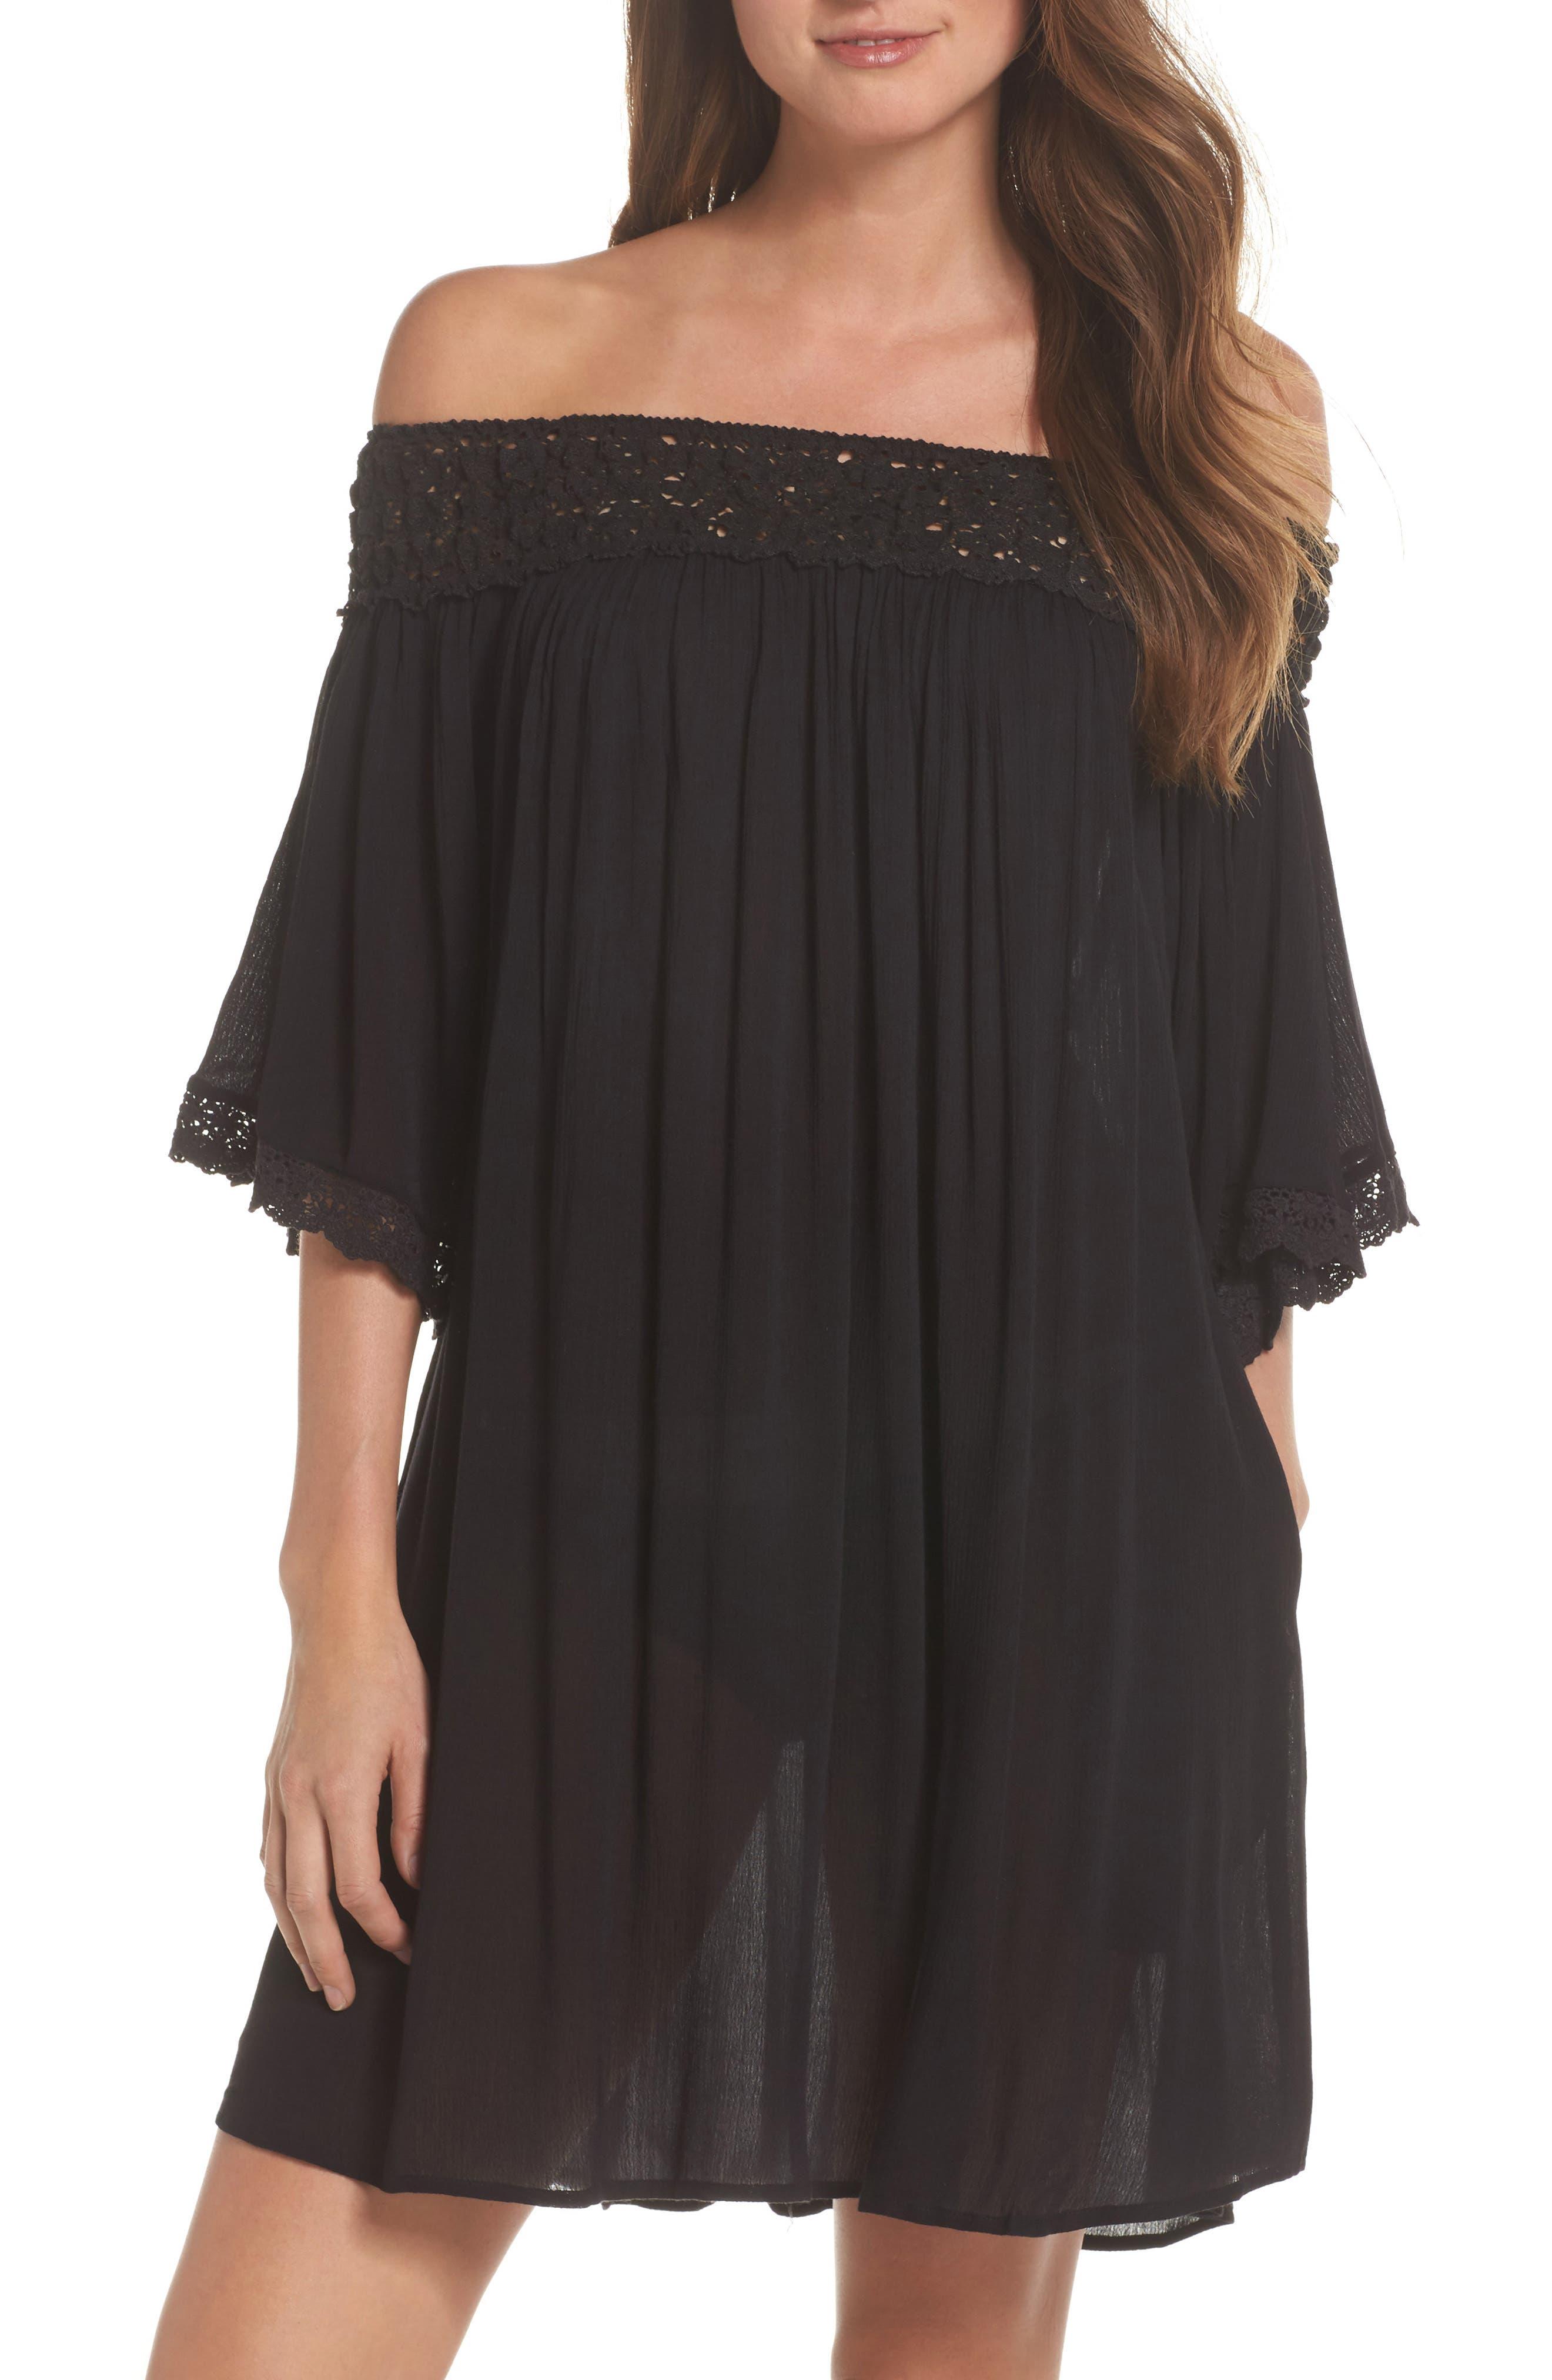 Rimini Crochet Cover-Up Dress,                             Main thumbnail 1, color,                             Black